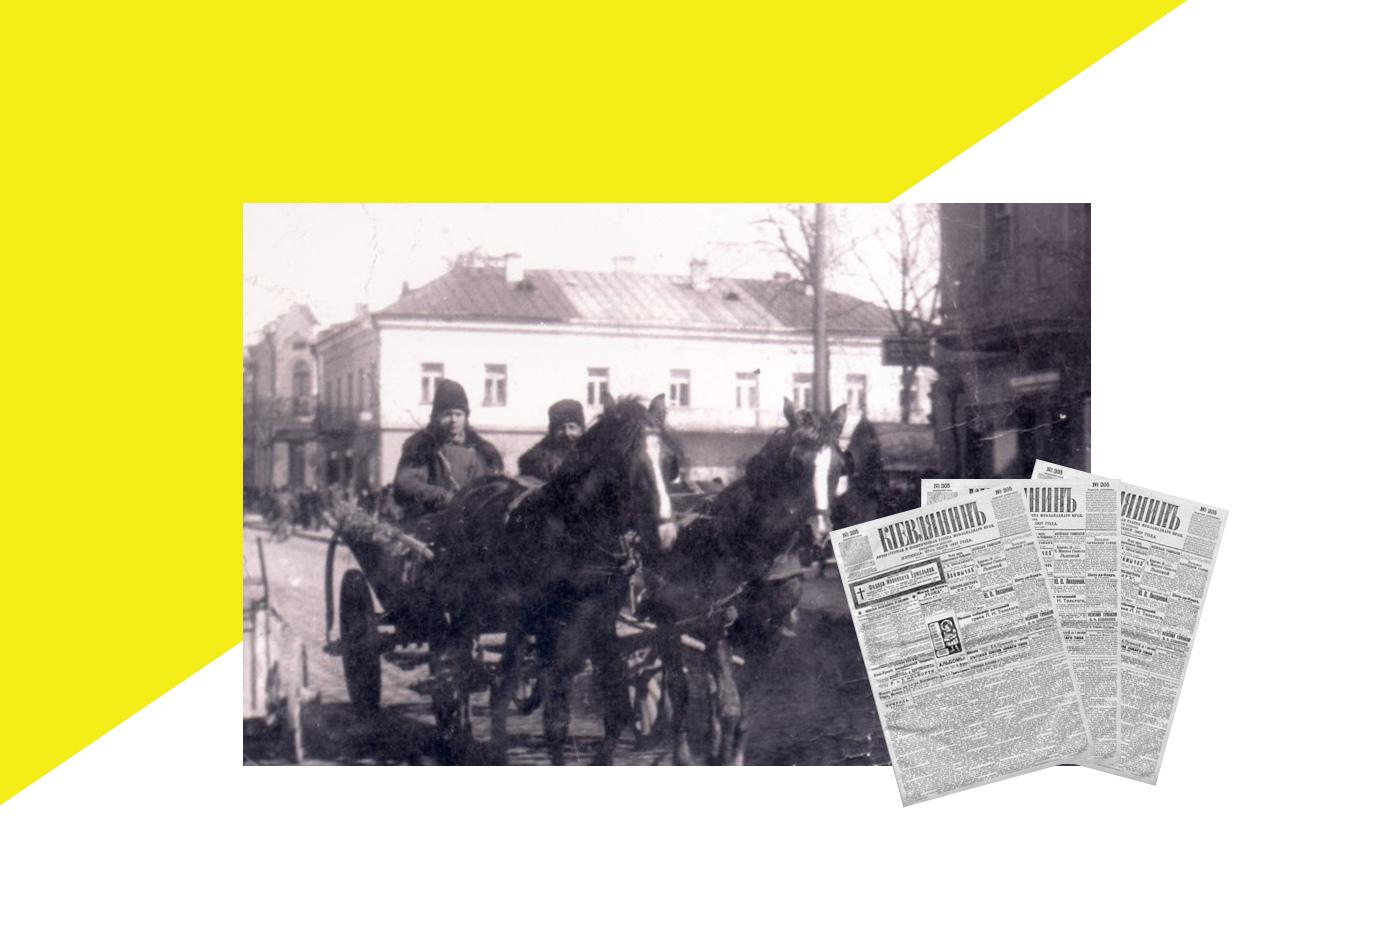 Отруєння поліцейського, револьвер і бійка на екзамені. Про єврейське життя Луцька 1907